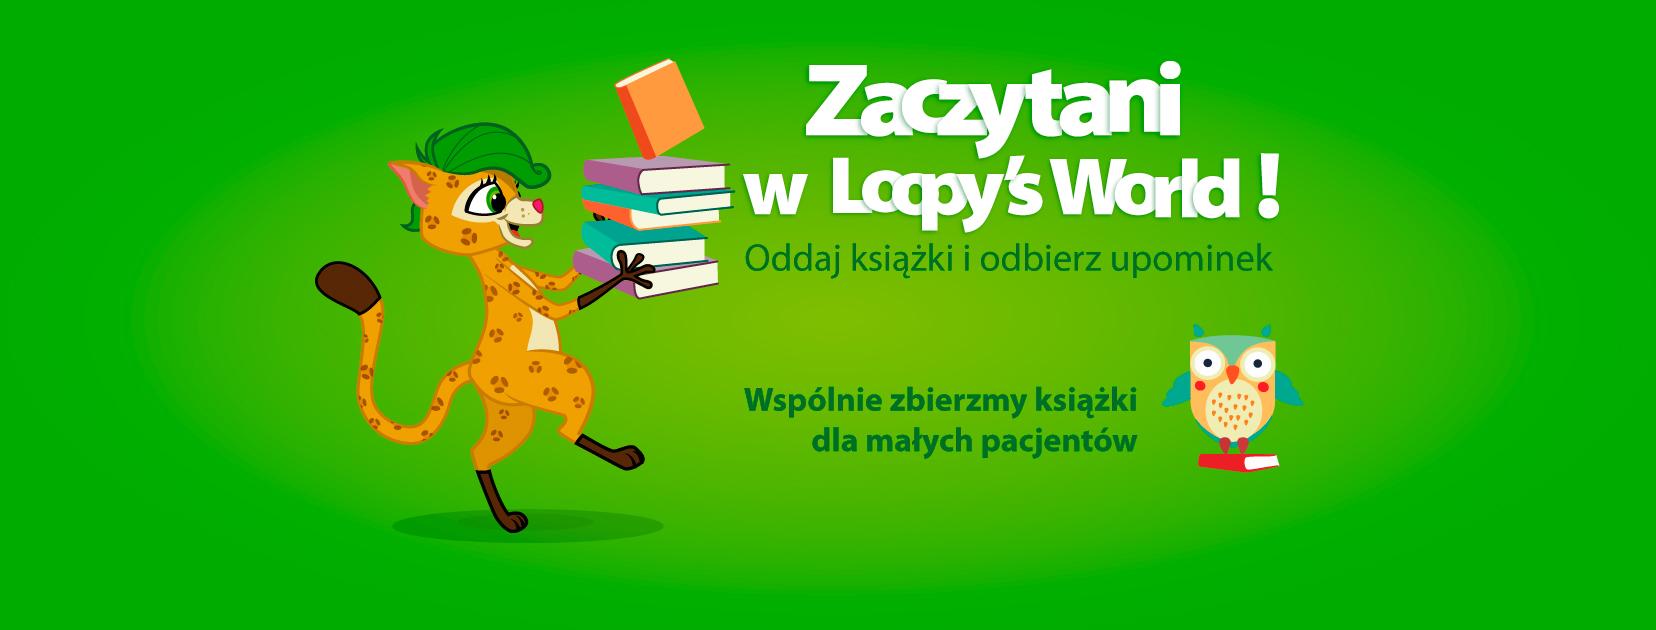 Dołącz do wielkiej zbiórki książek!